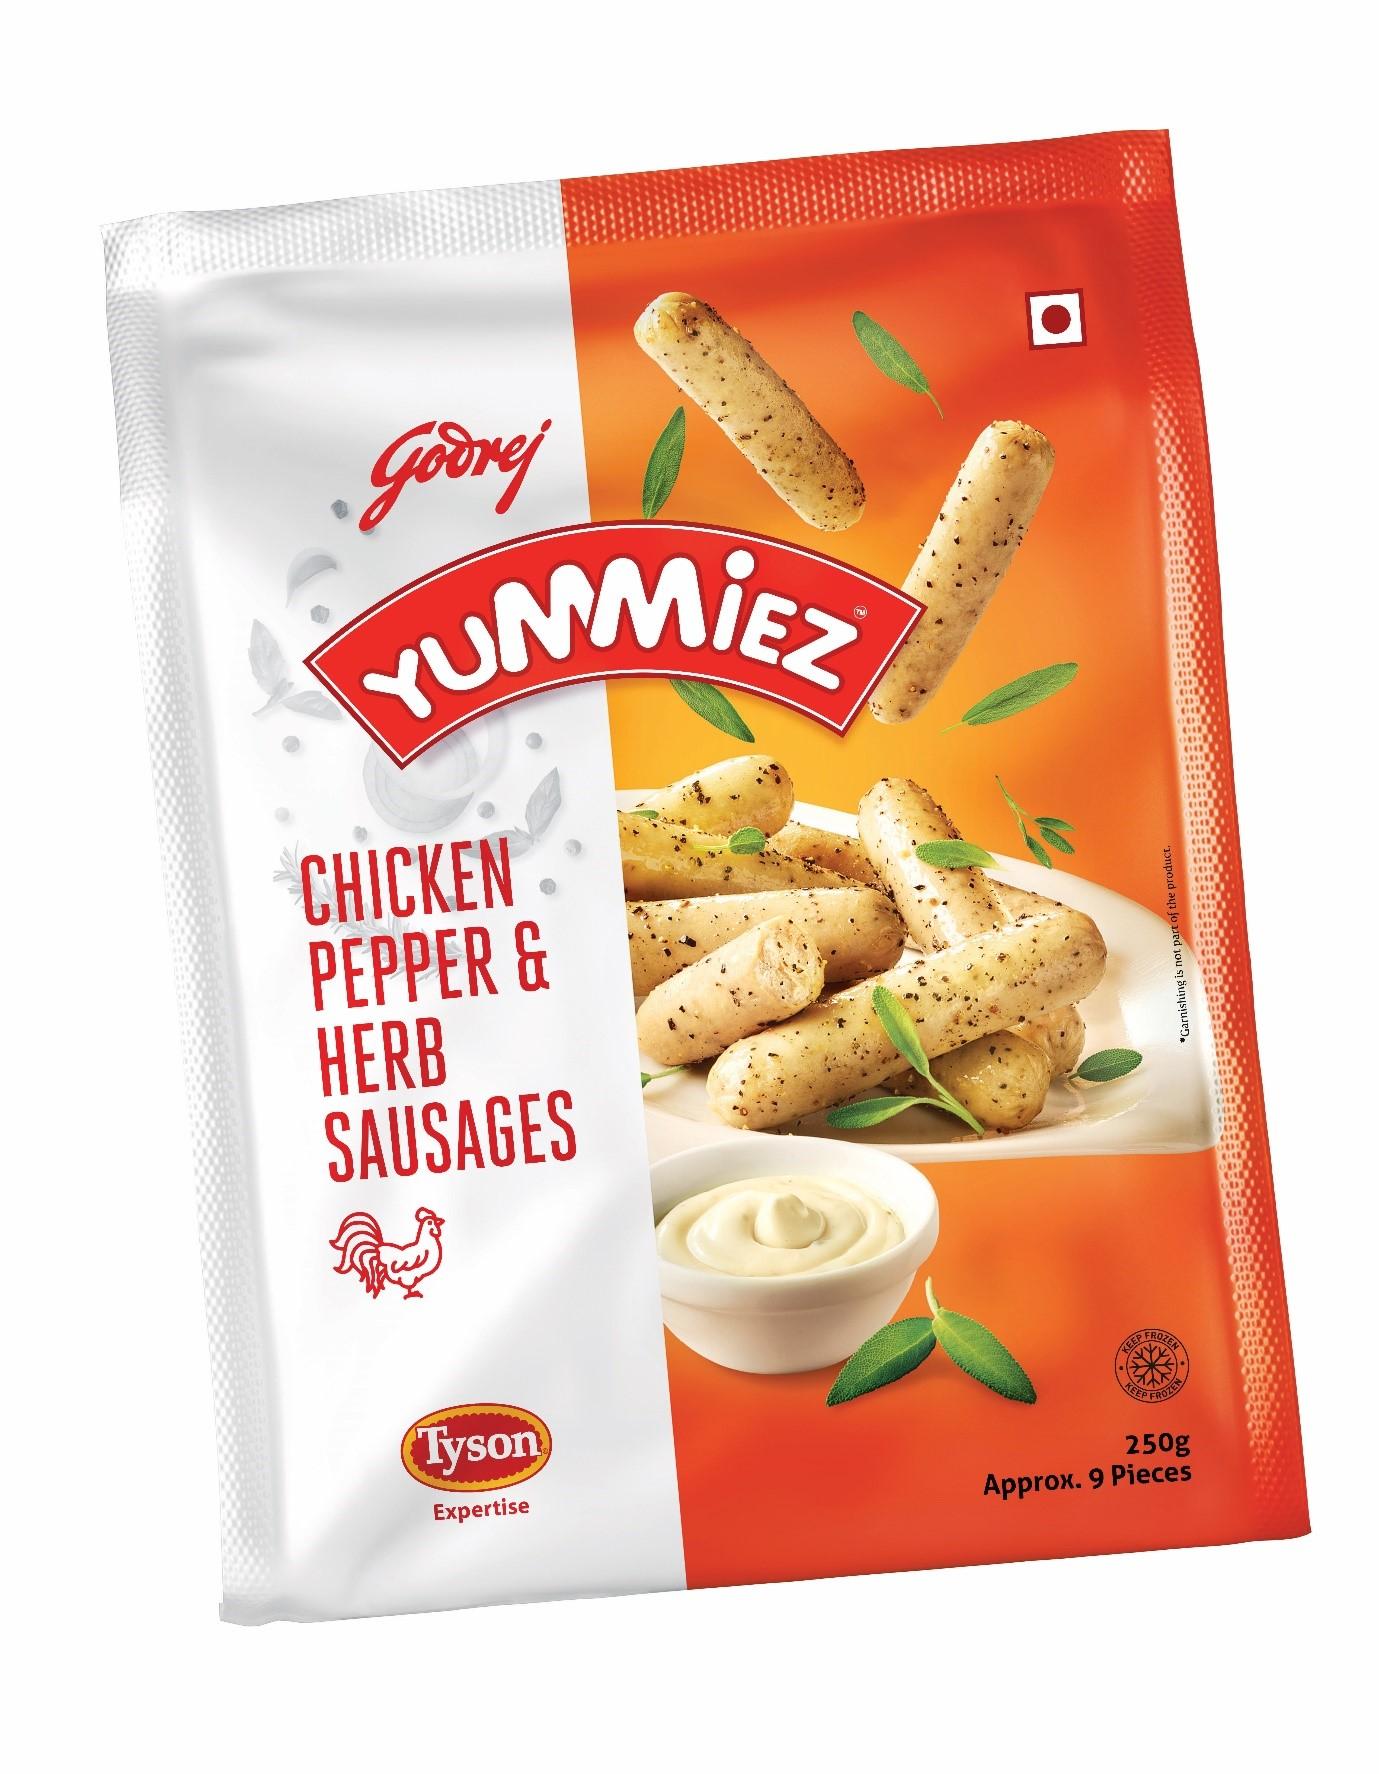 Yummiez Chicken Pepper & Herb Sausages 250 g